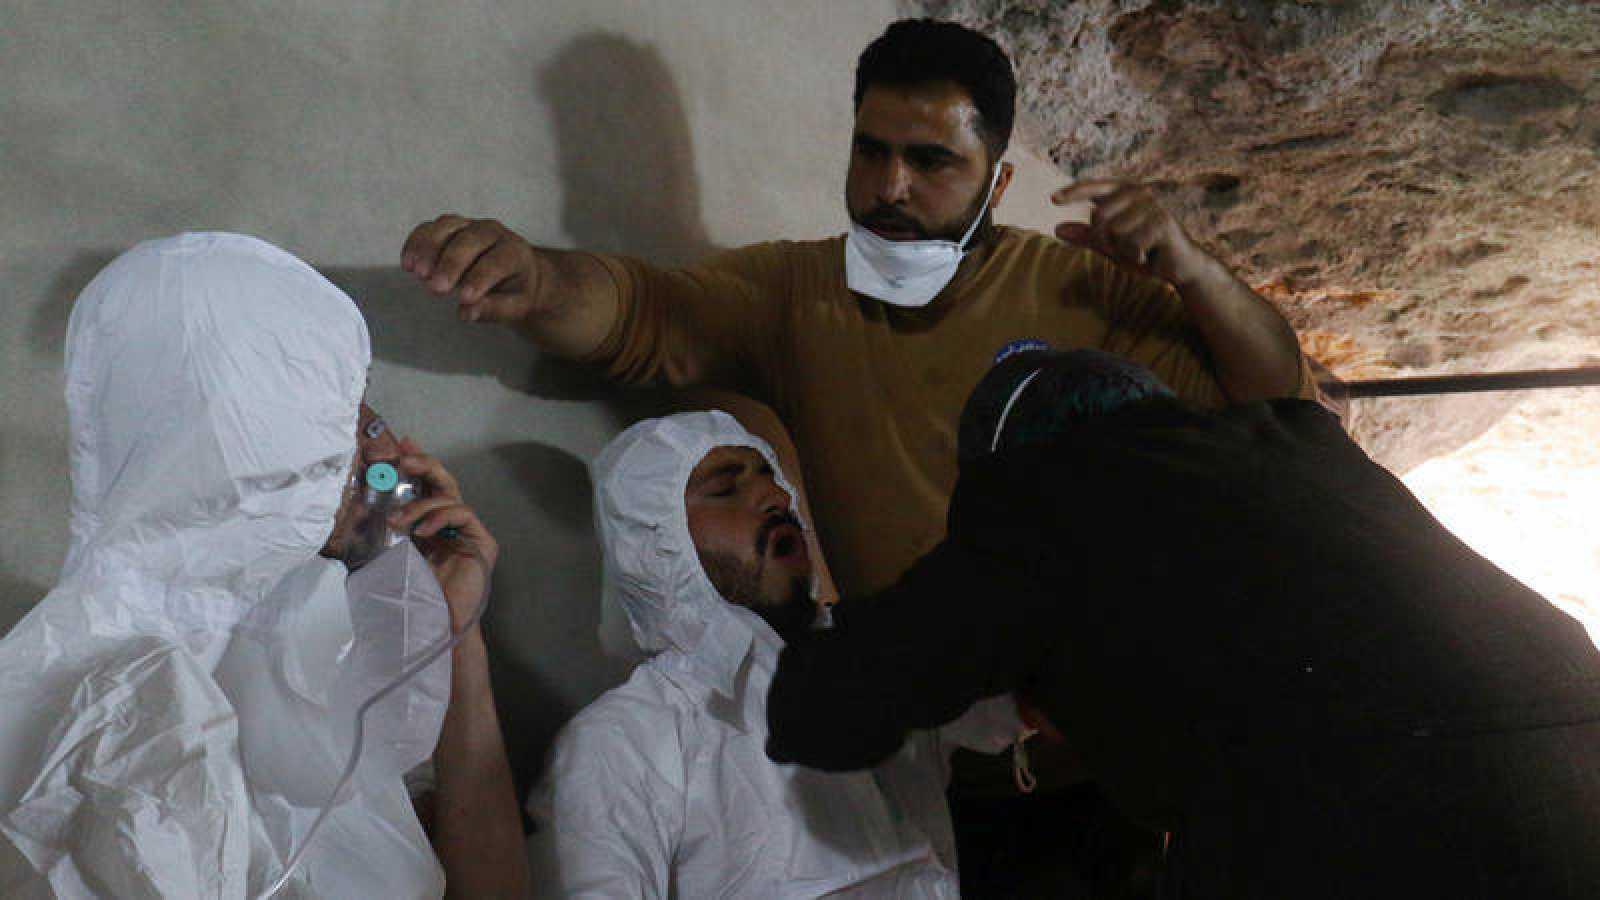 Un rescatador recibe asistencia con oxígeno tras el ataque con gases en Jan Sheijun, Siria